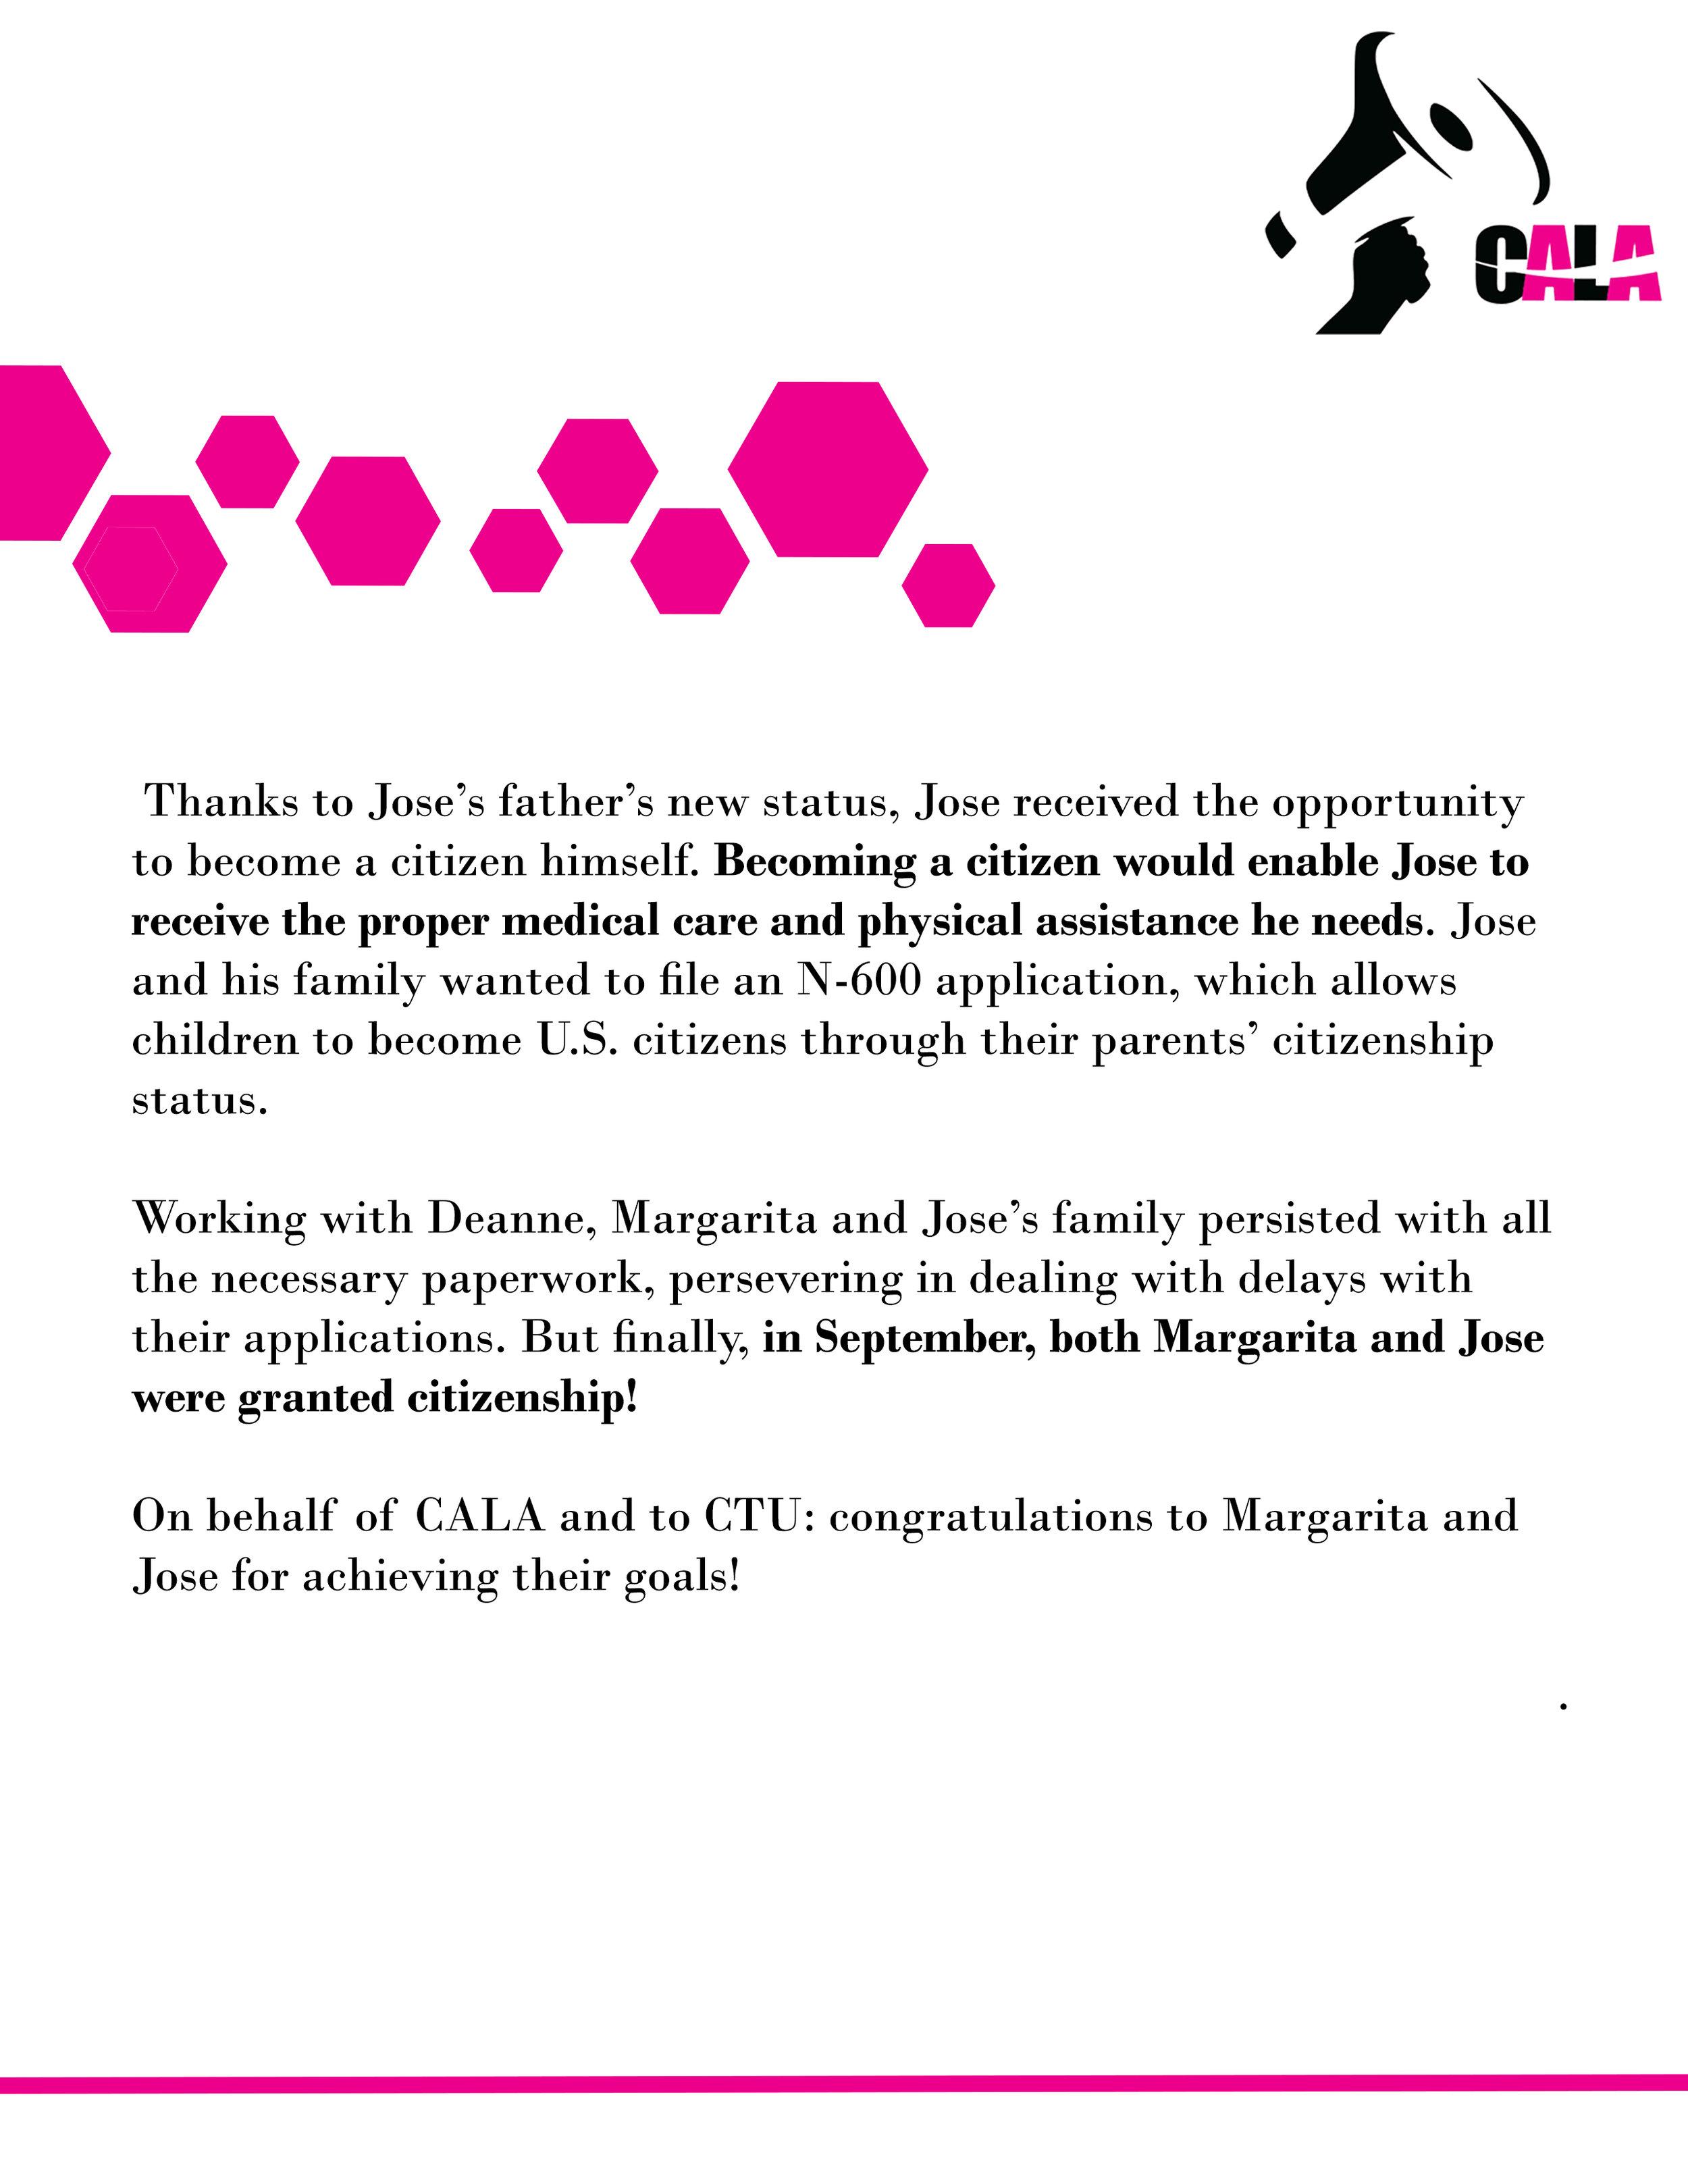 Margarita and Jose success story pg 2.jpg